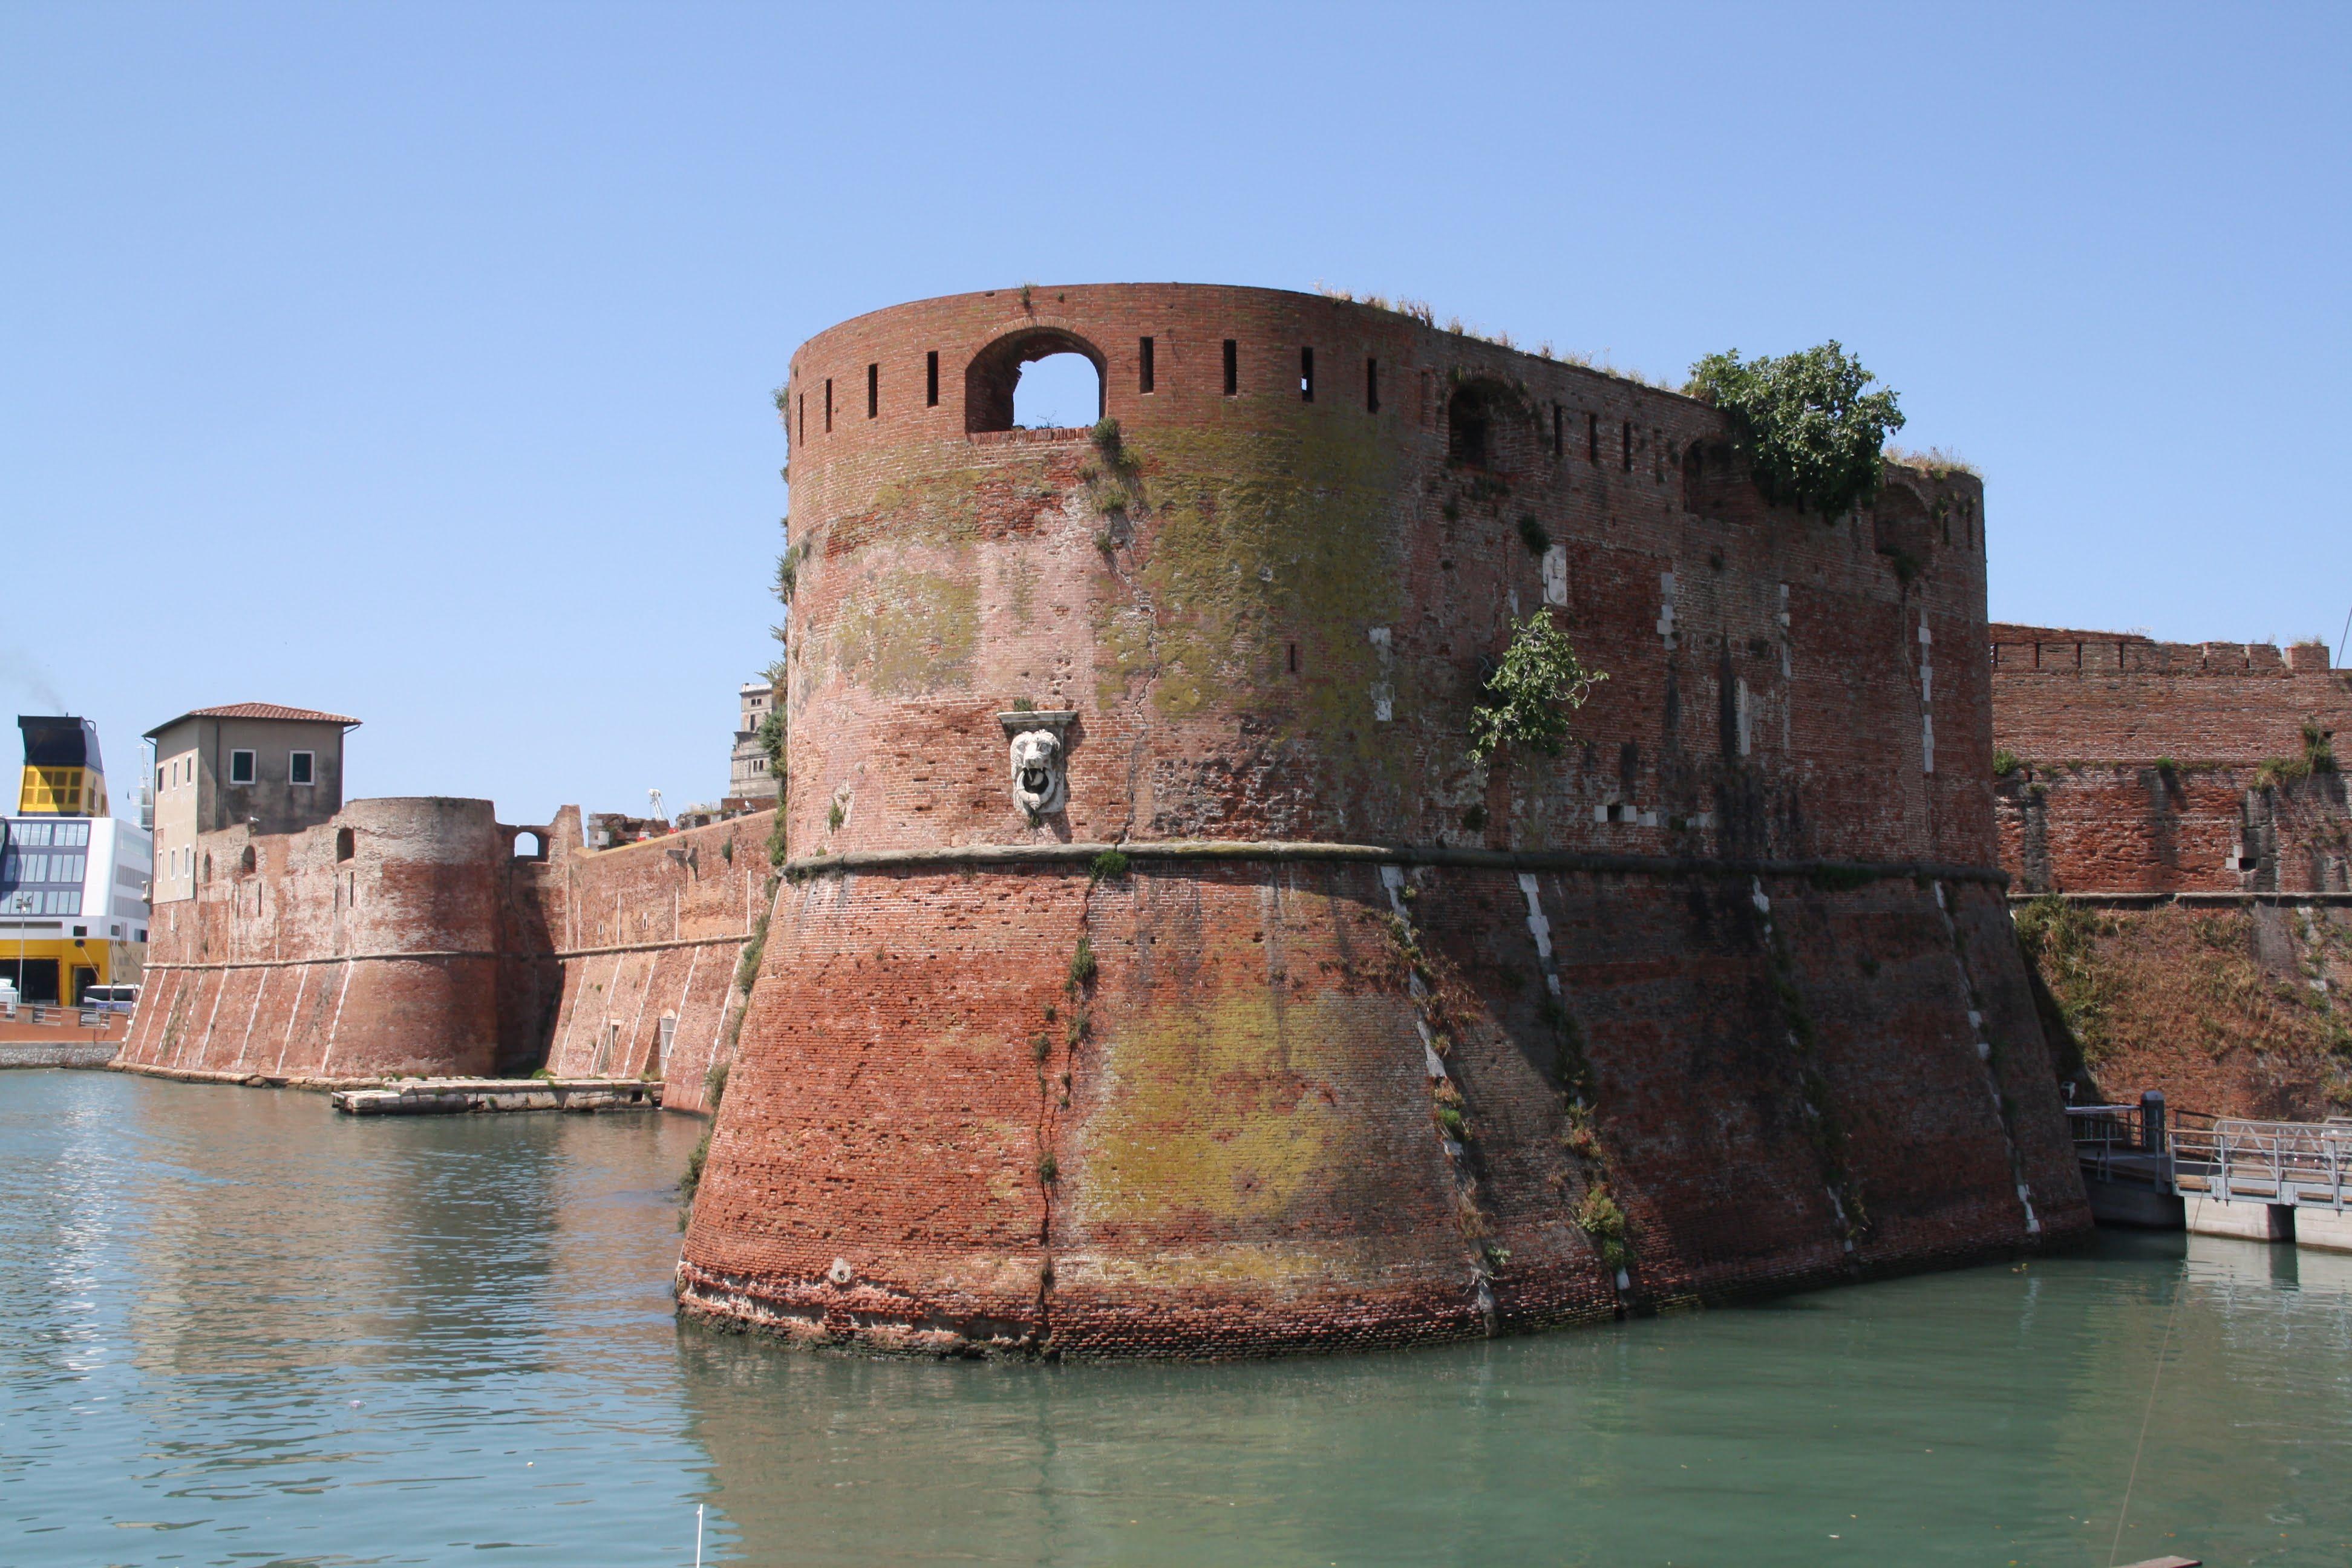 2. Fortezza Vecchia.